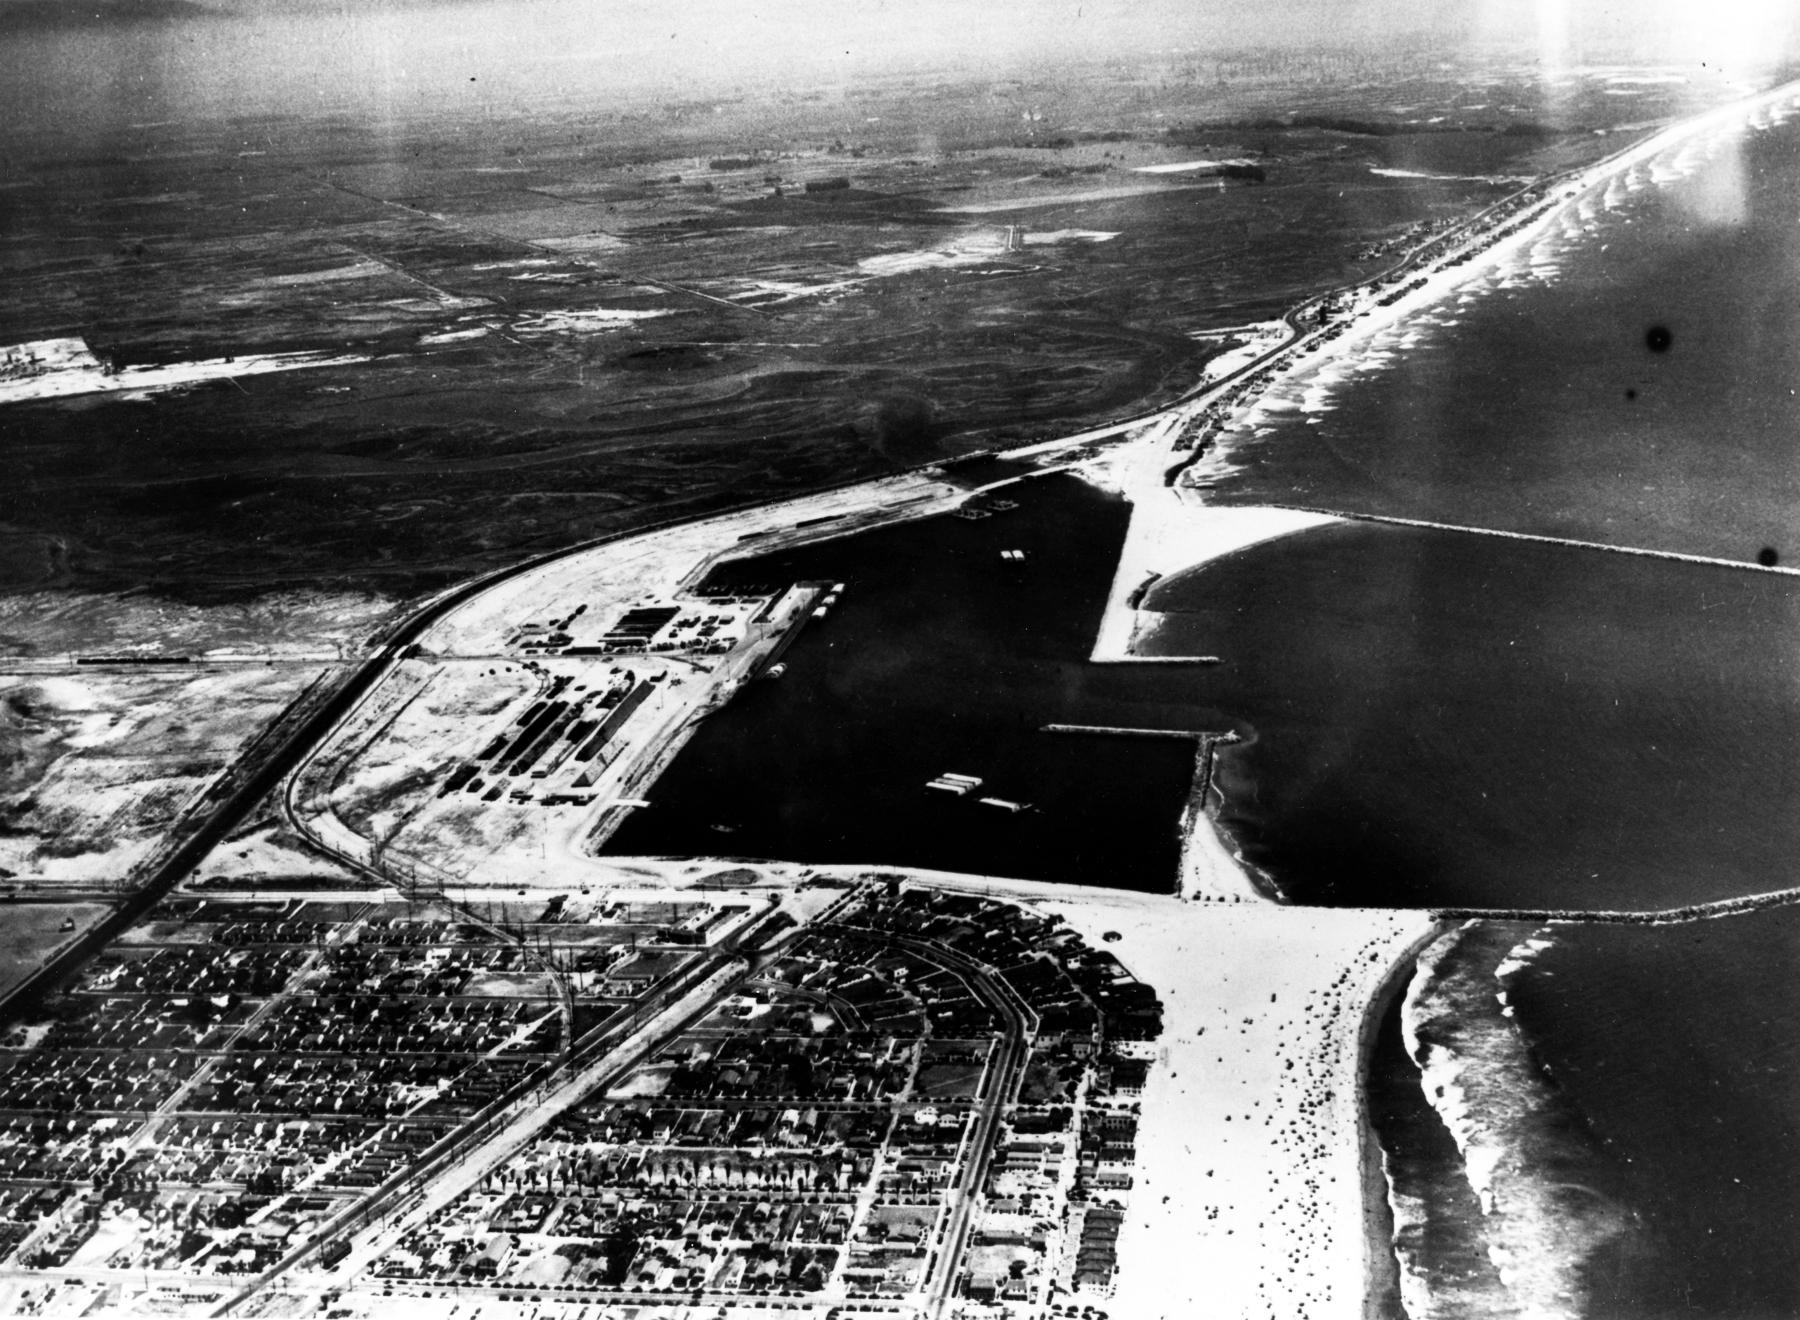 [Image: 1947-07-27-aerial.jpg]